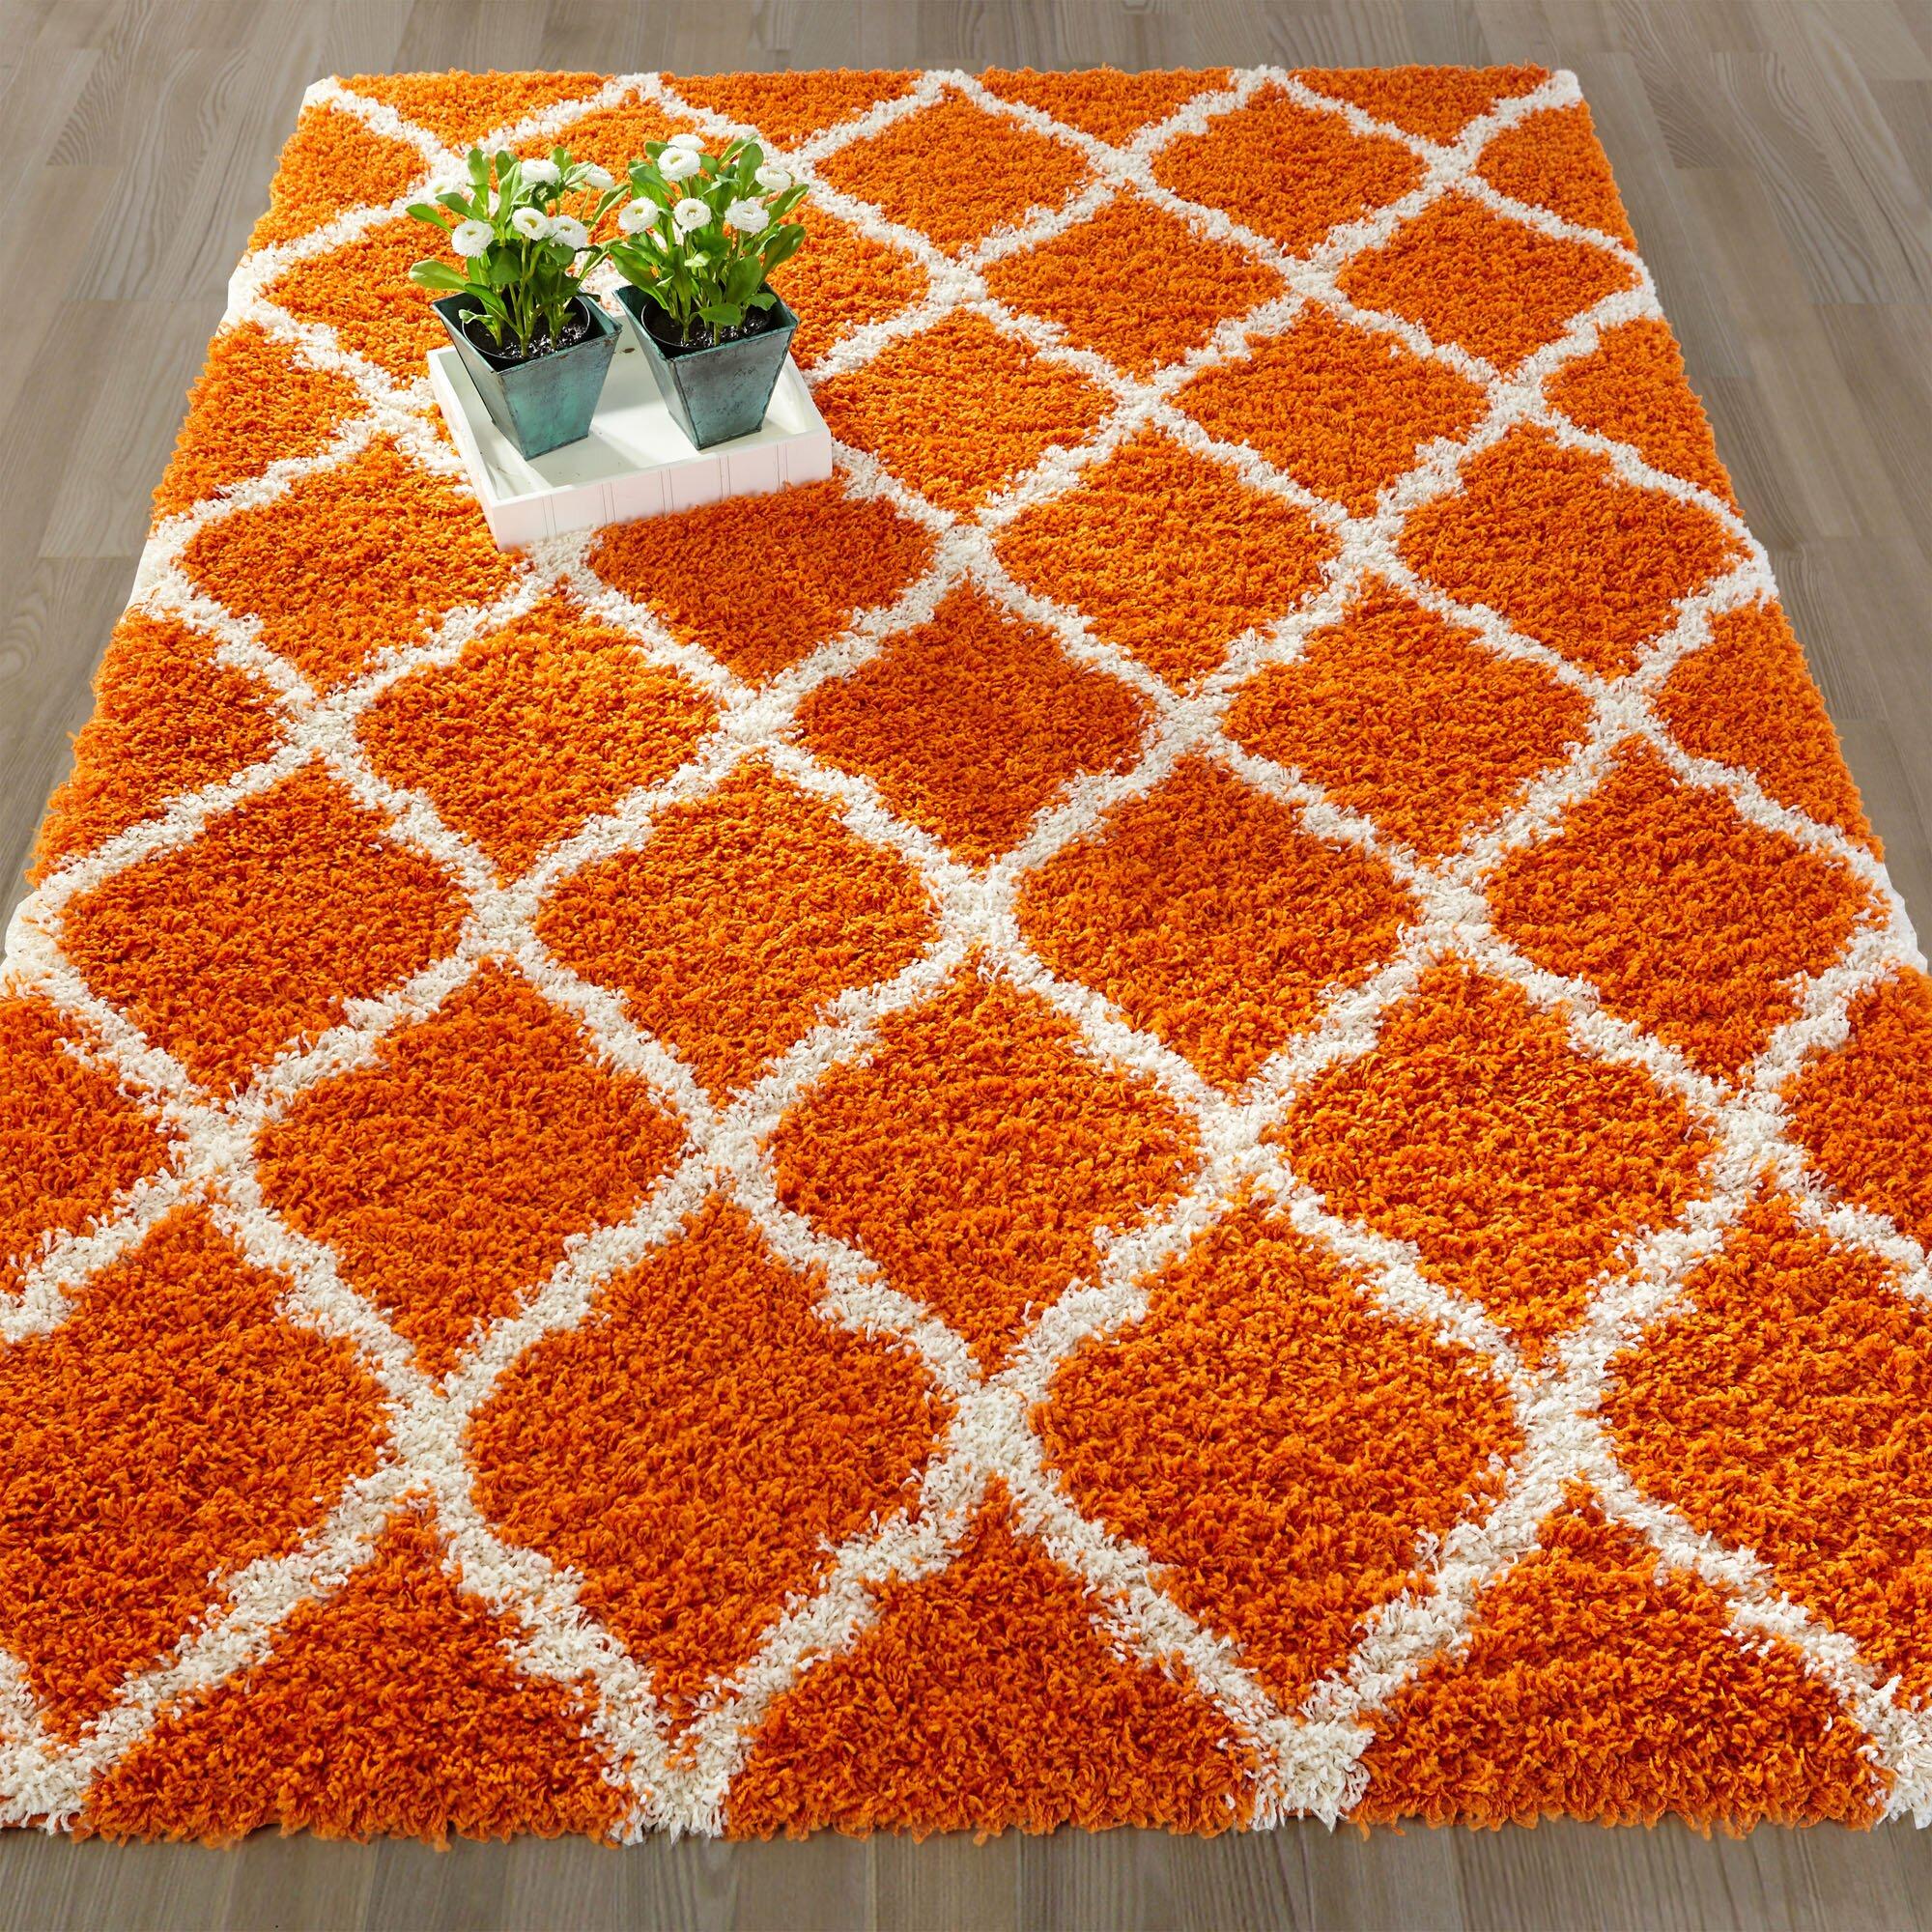 Ottomanson Ultimate Moroccan Trellis Soft Orange Shaggy